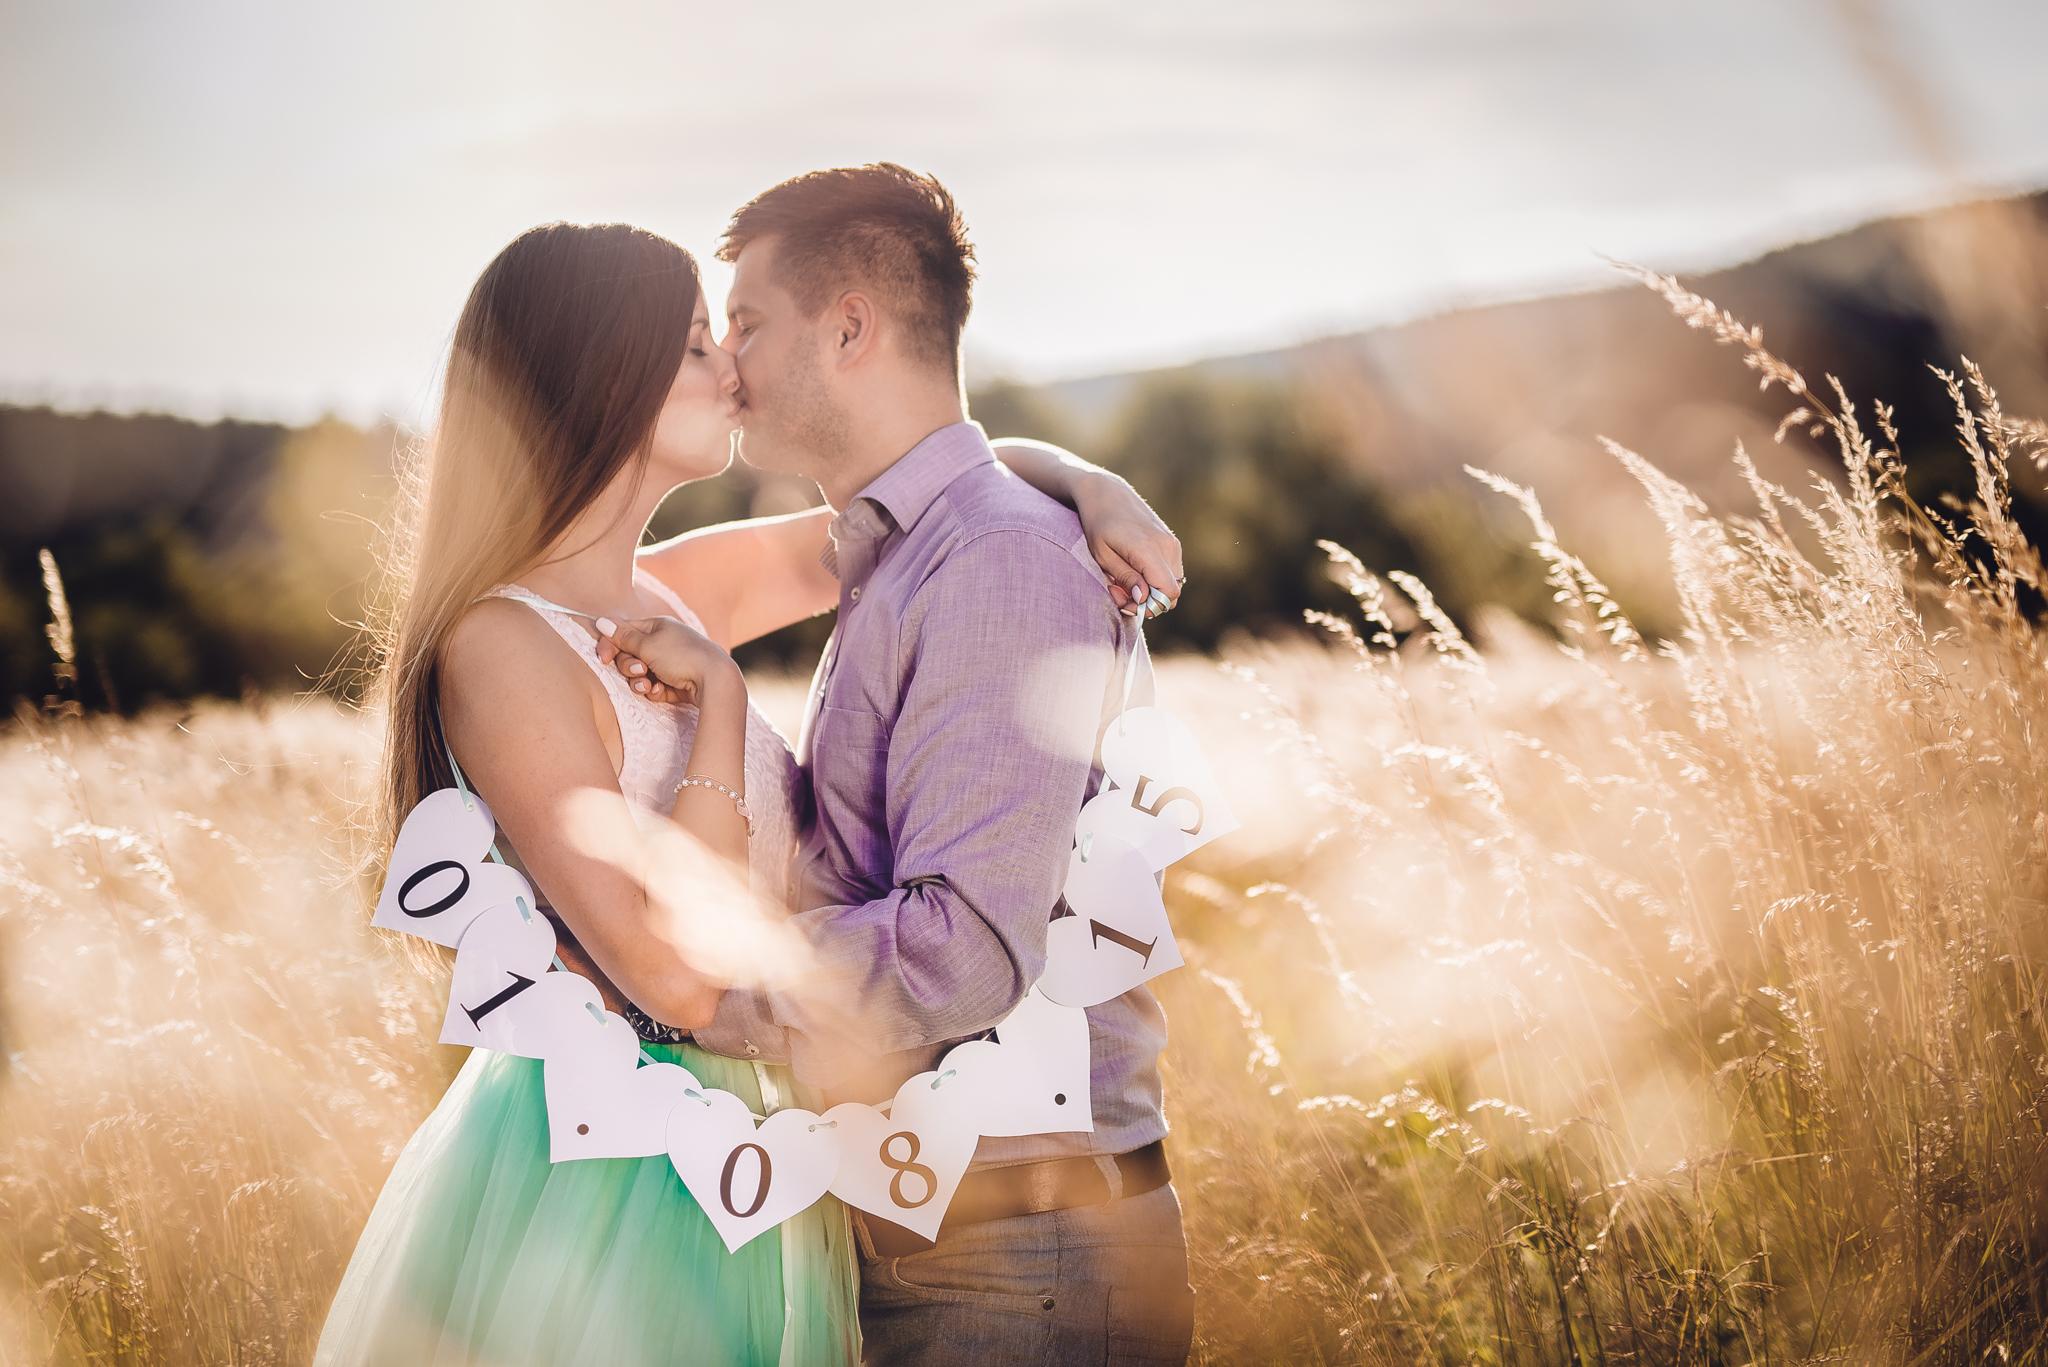 láska, príroda, love, srdiečka, dátum, pole, klasy, obilie, protisvetlo, romantika, zamilovaný pár, bozk, kiss